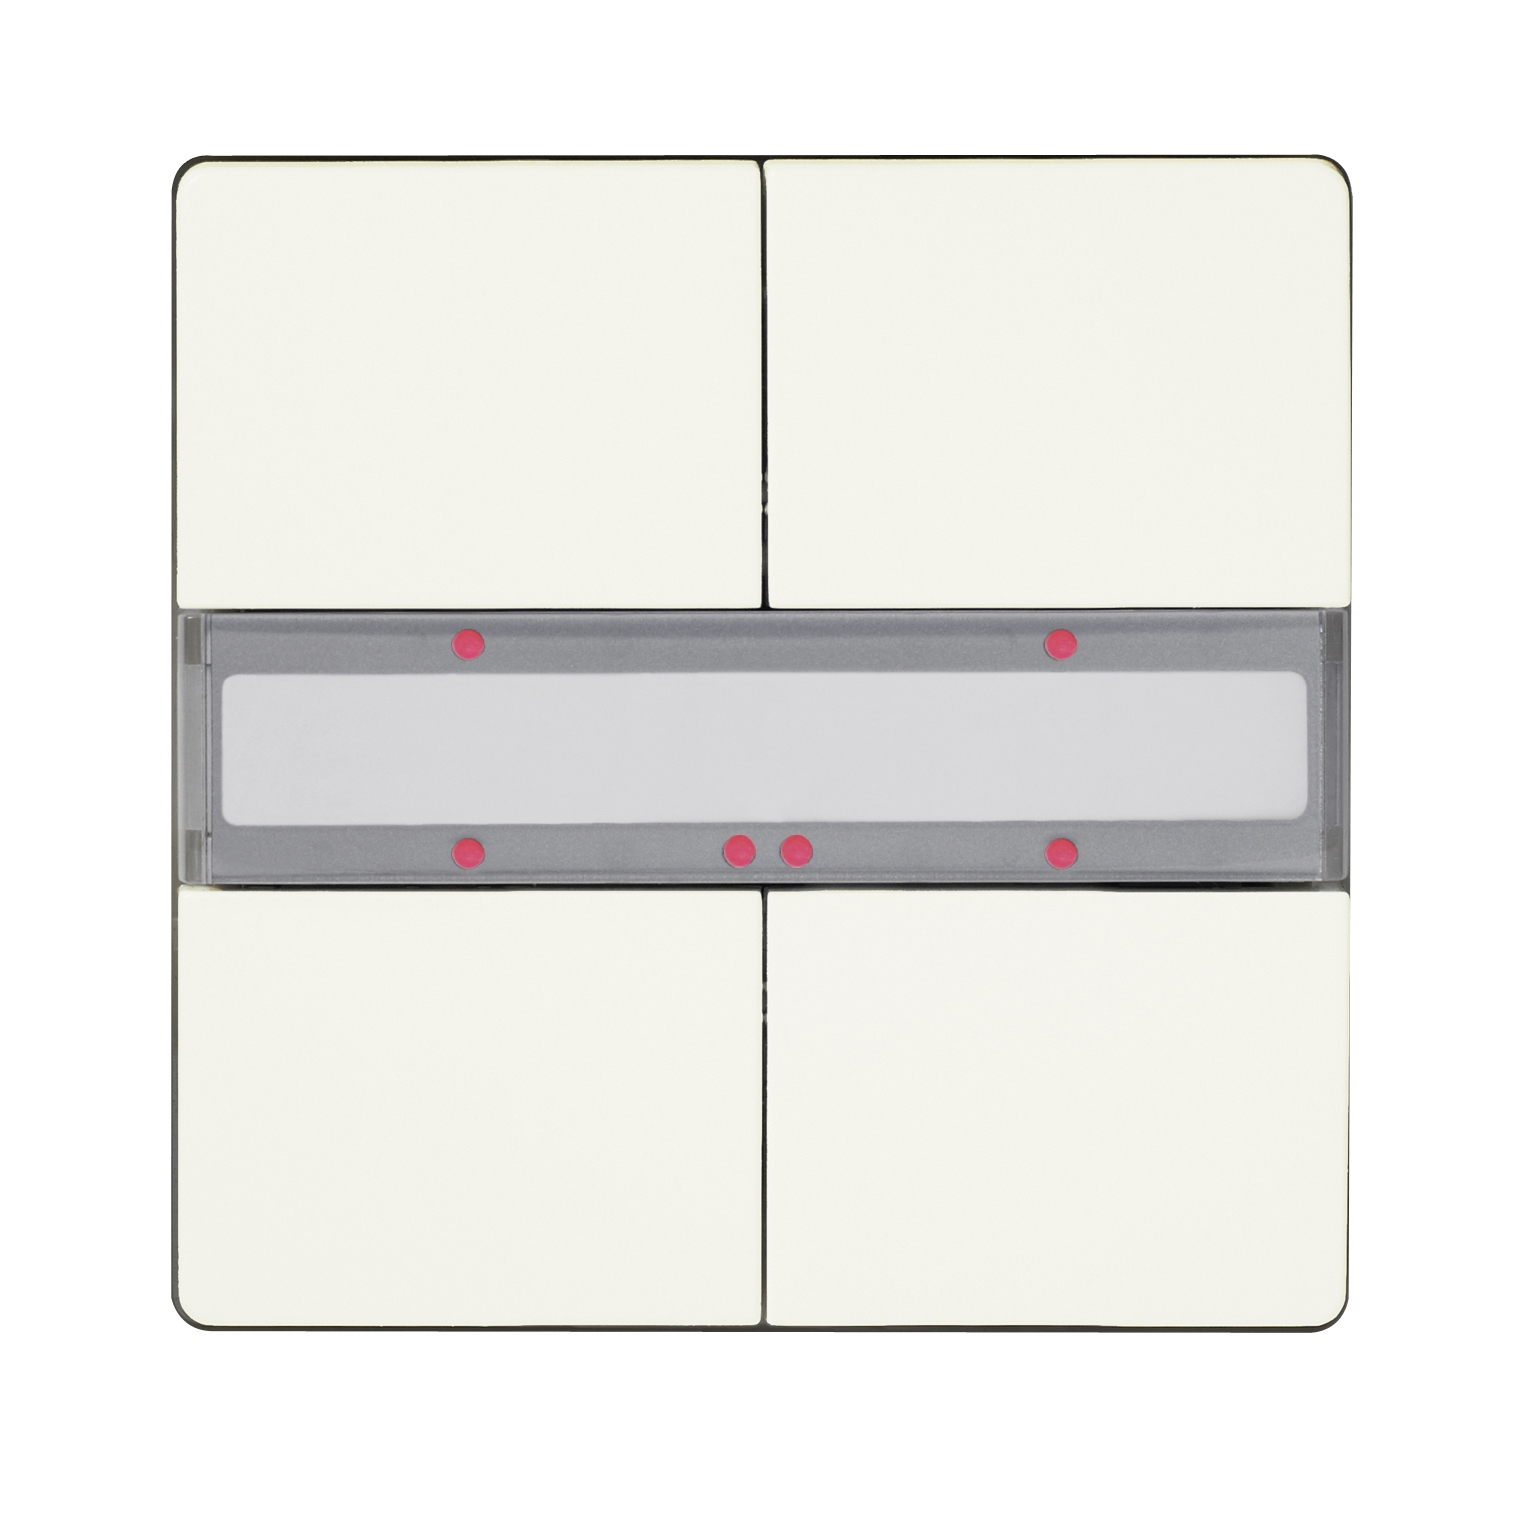 1 Stk Taster 2-fach mit Status-LED, DELTA style, titanweiß KX2862DB13